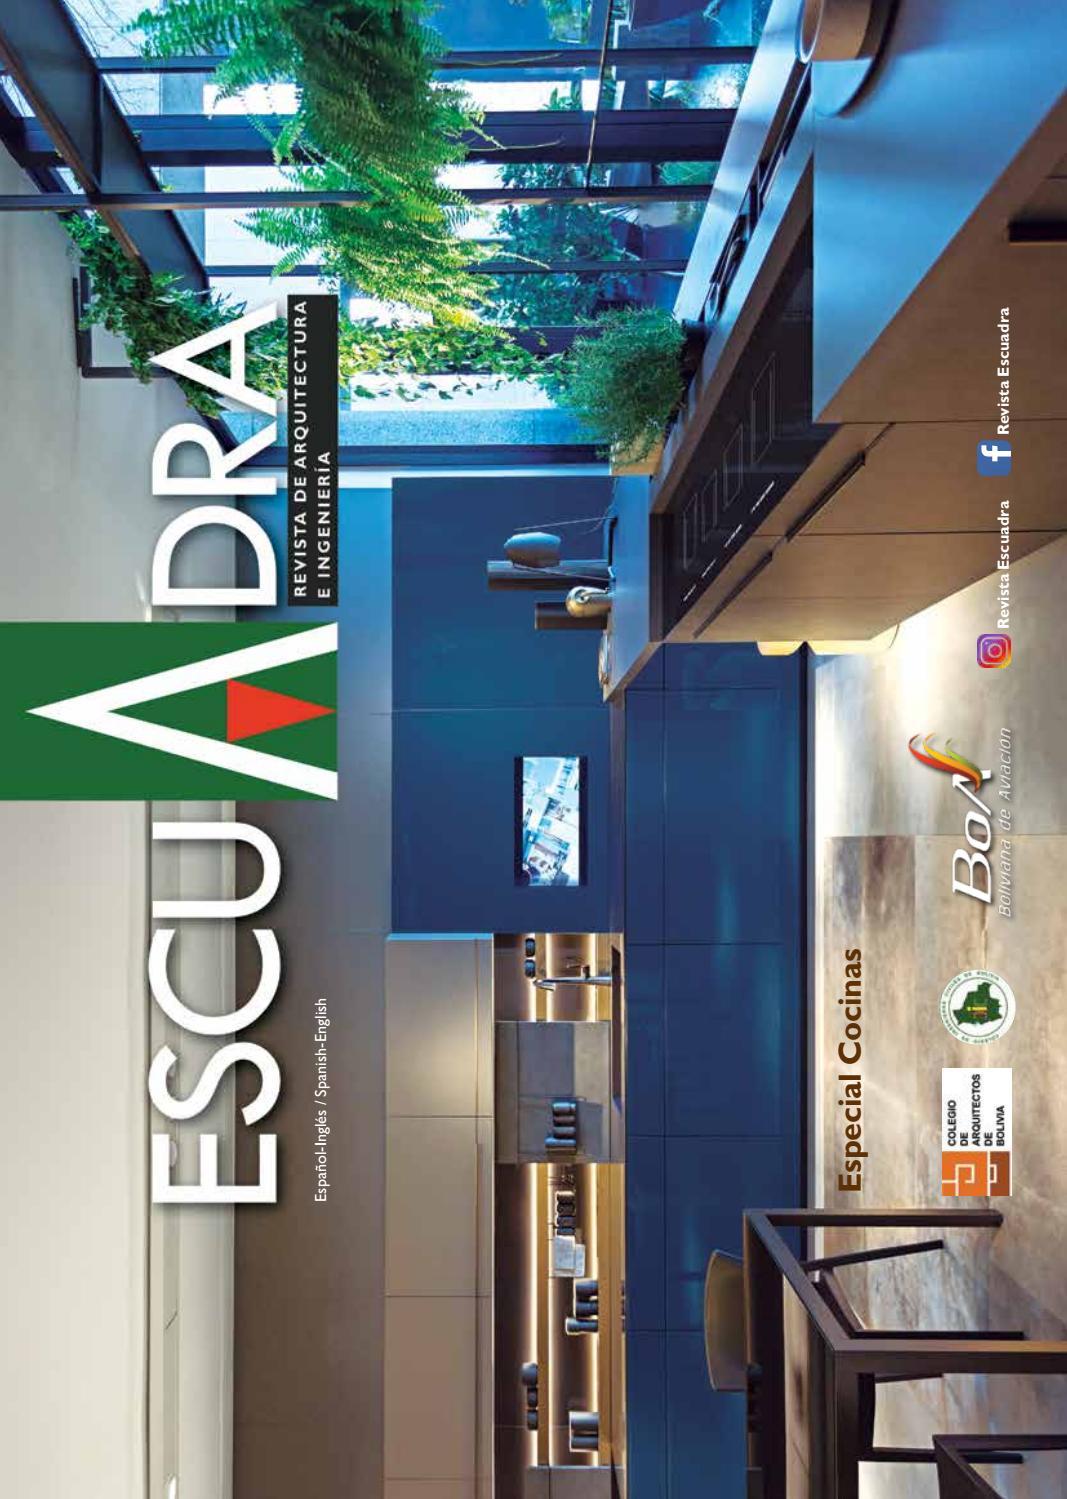 Escuadra Ed 54 by Sugrey - issuu